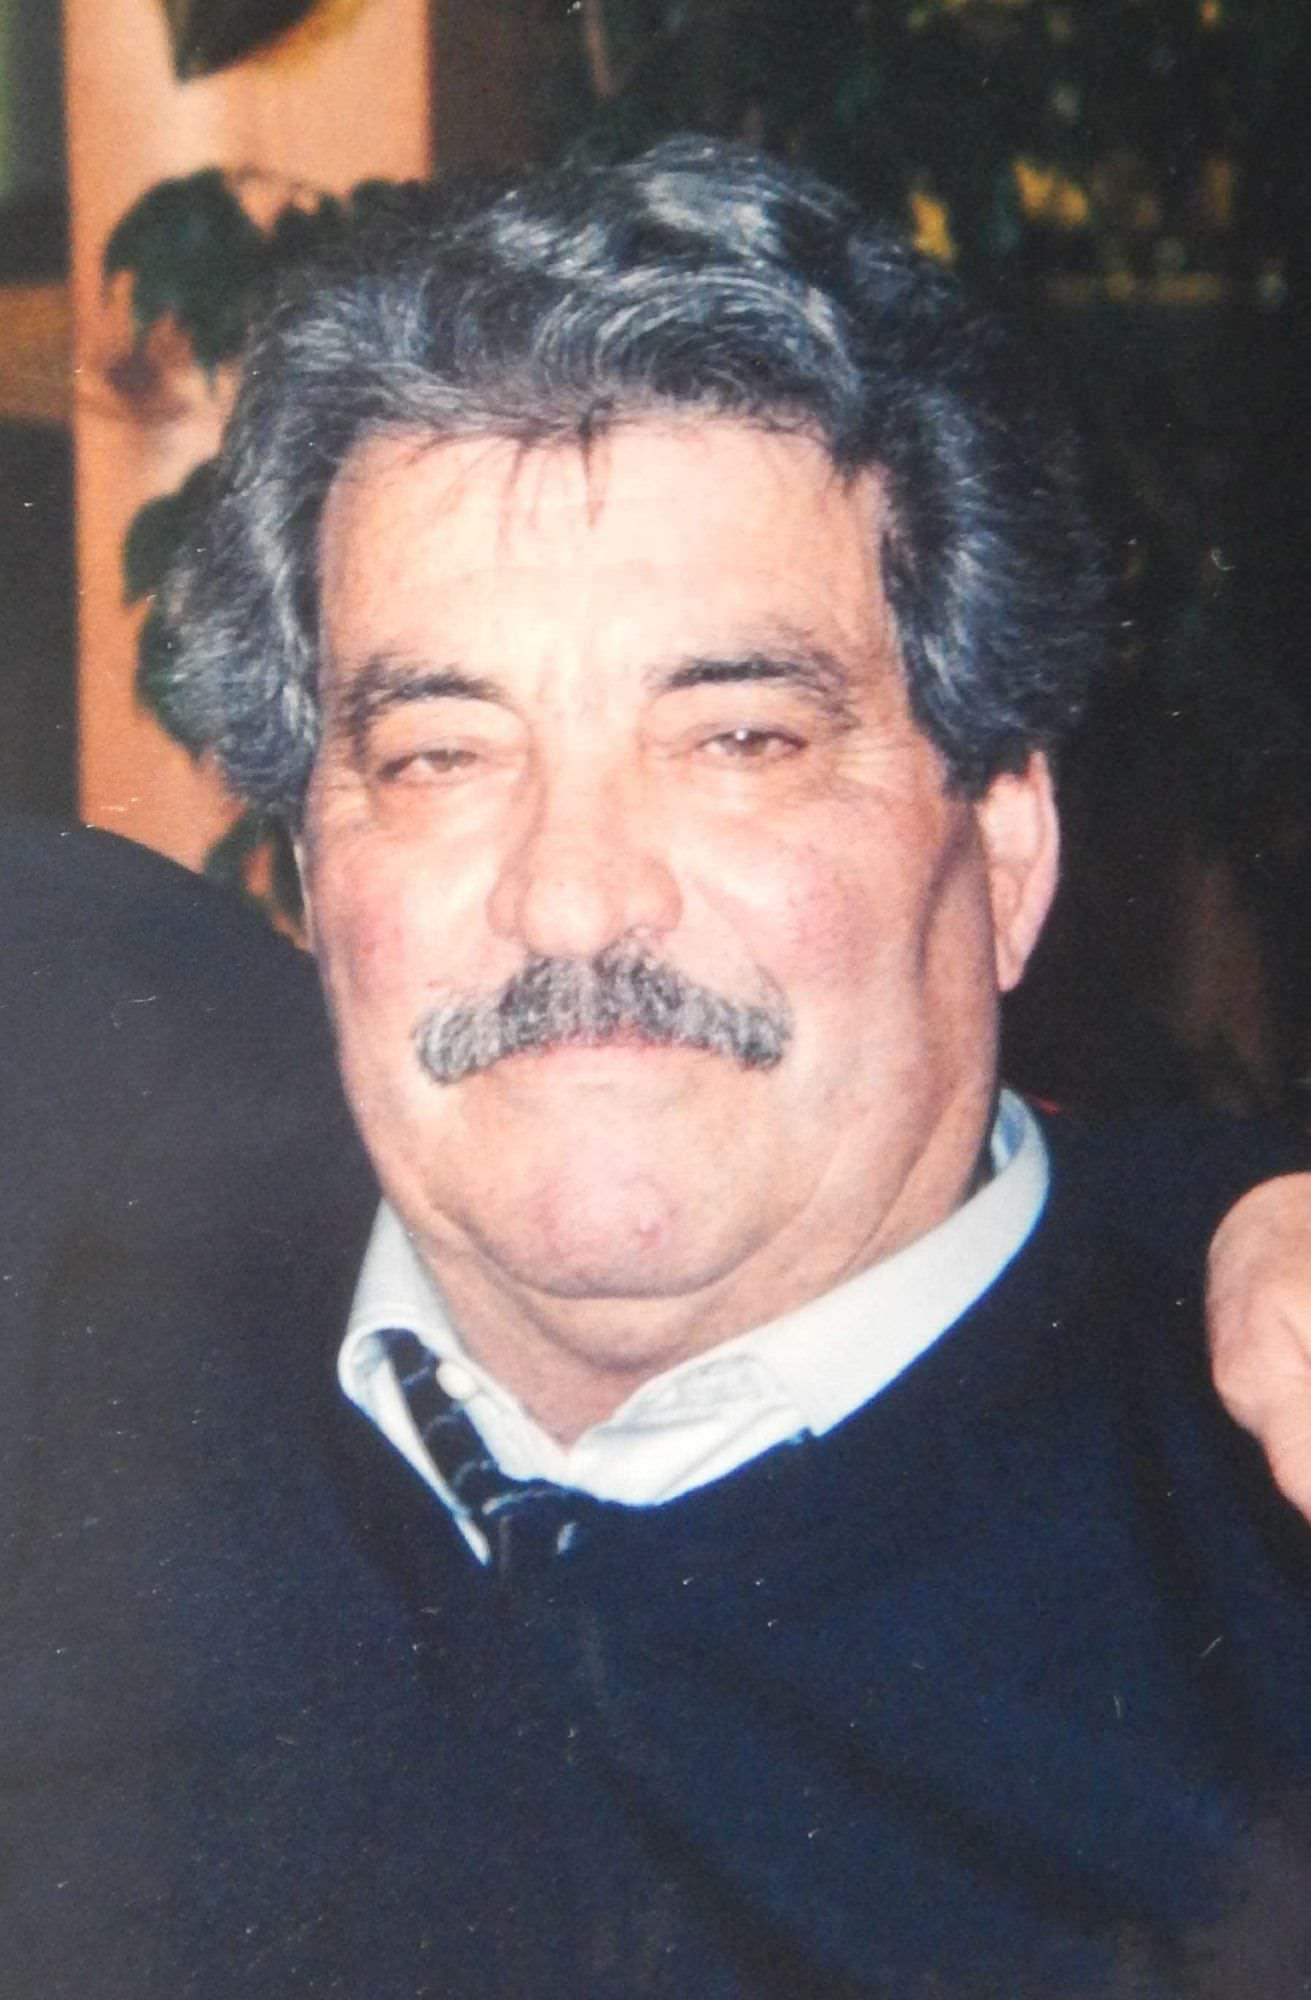 Addio all'imprenditore Vittorio Genovali